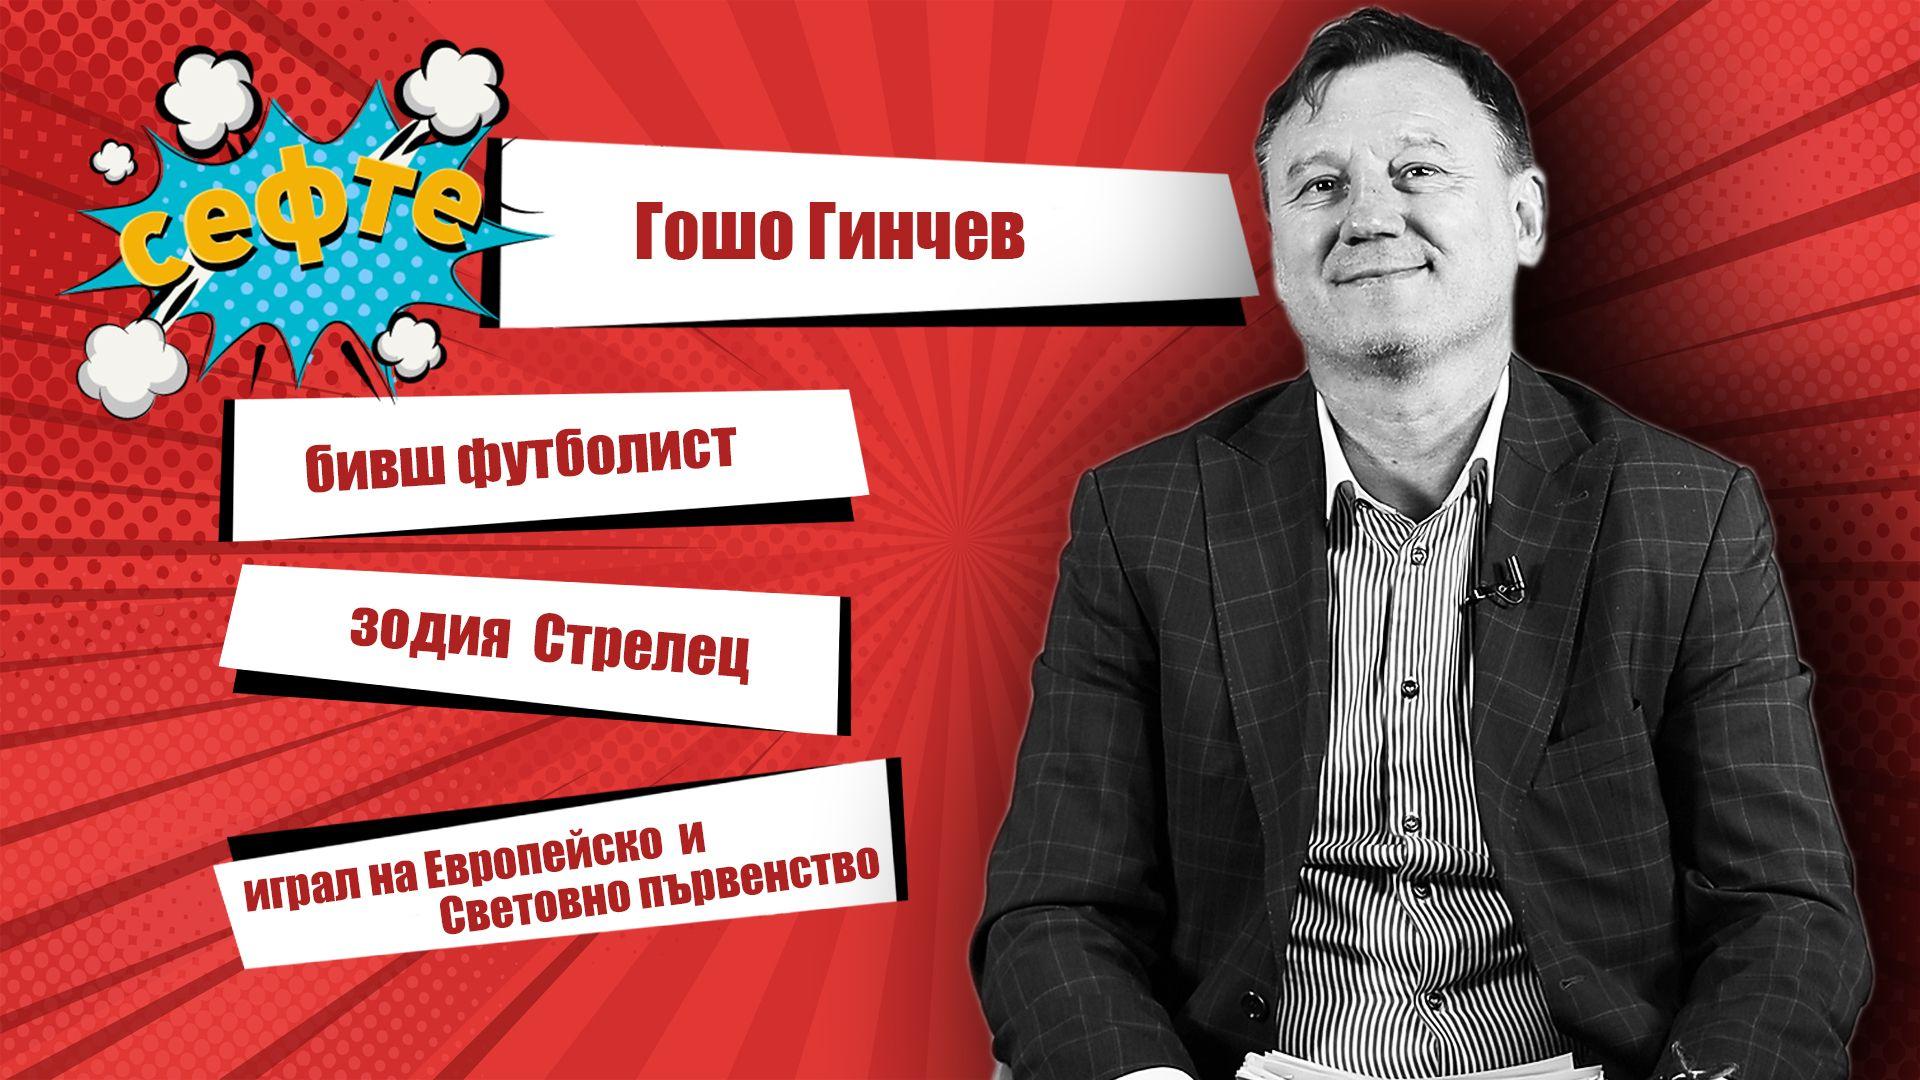 От с. Искрица до Европейско и Световно - Гошо Гинчев в #Сефте